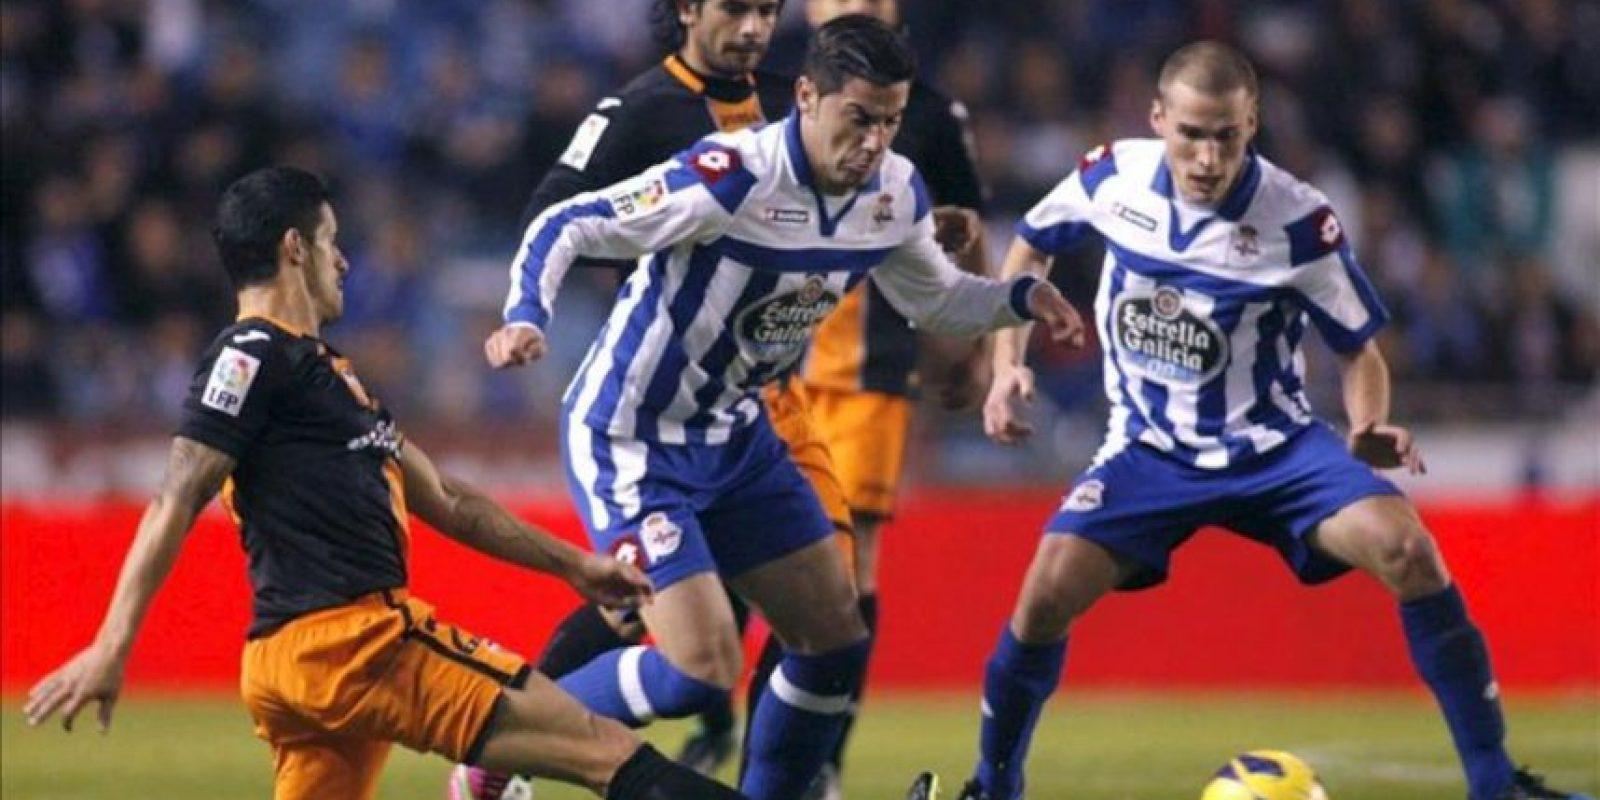 El delantero del Deportivo de La Coruña, Riki (c), intenta superar la entrada del defensa portugués del Valencia, Ricardo Costa (i), durante el encuentro correspondiente a la jornada 21 de primera división, que han disputado en el estadio de Riazor, en A Coruña. EFE